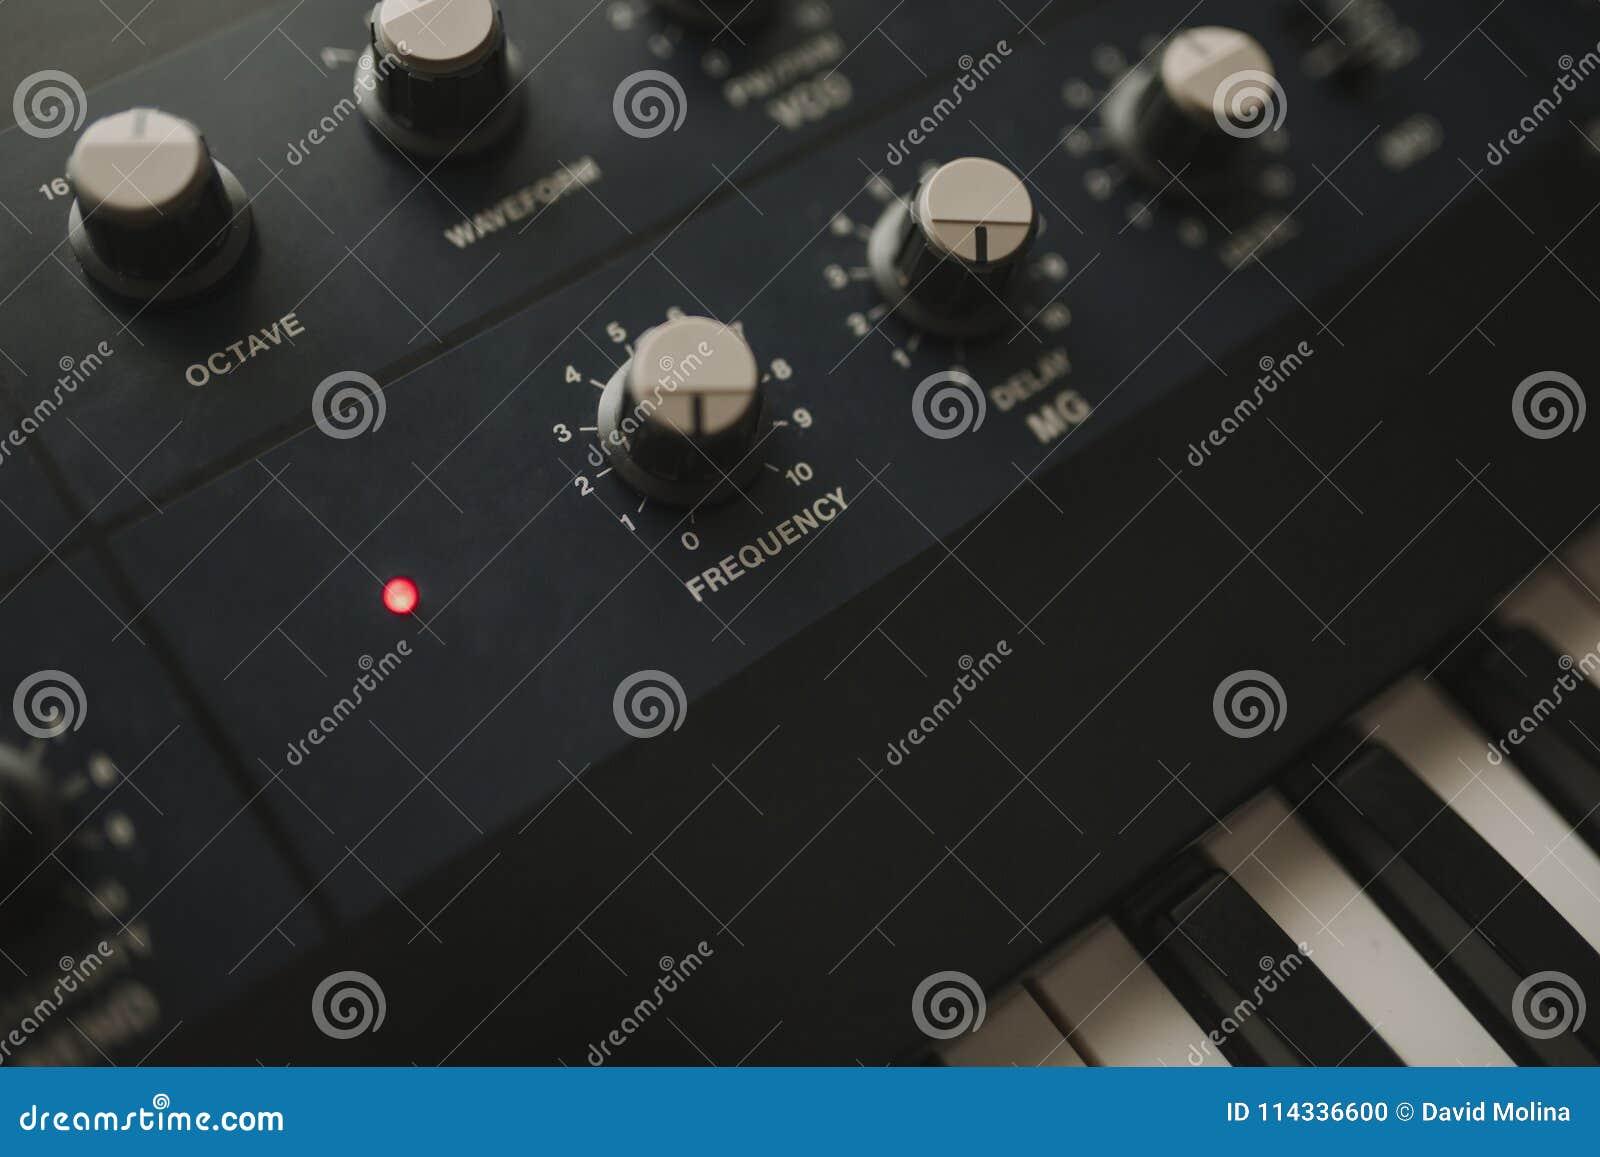 Détail des boutons musicaux de clavier et de contrôle de synthétiseur